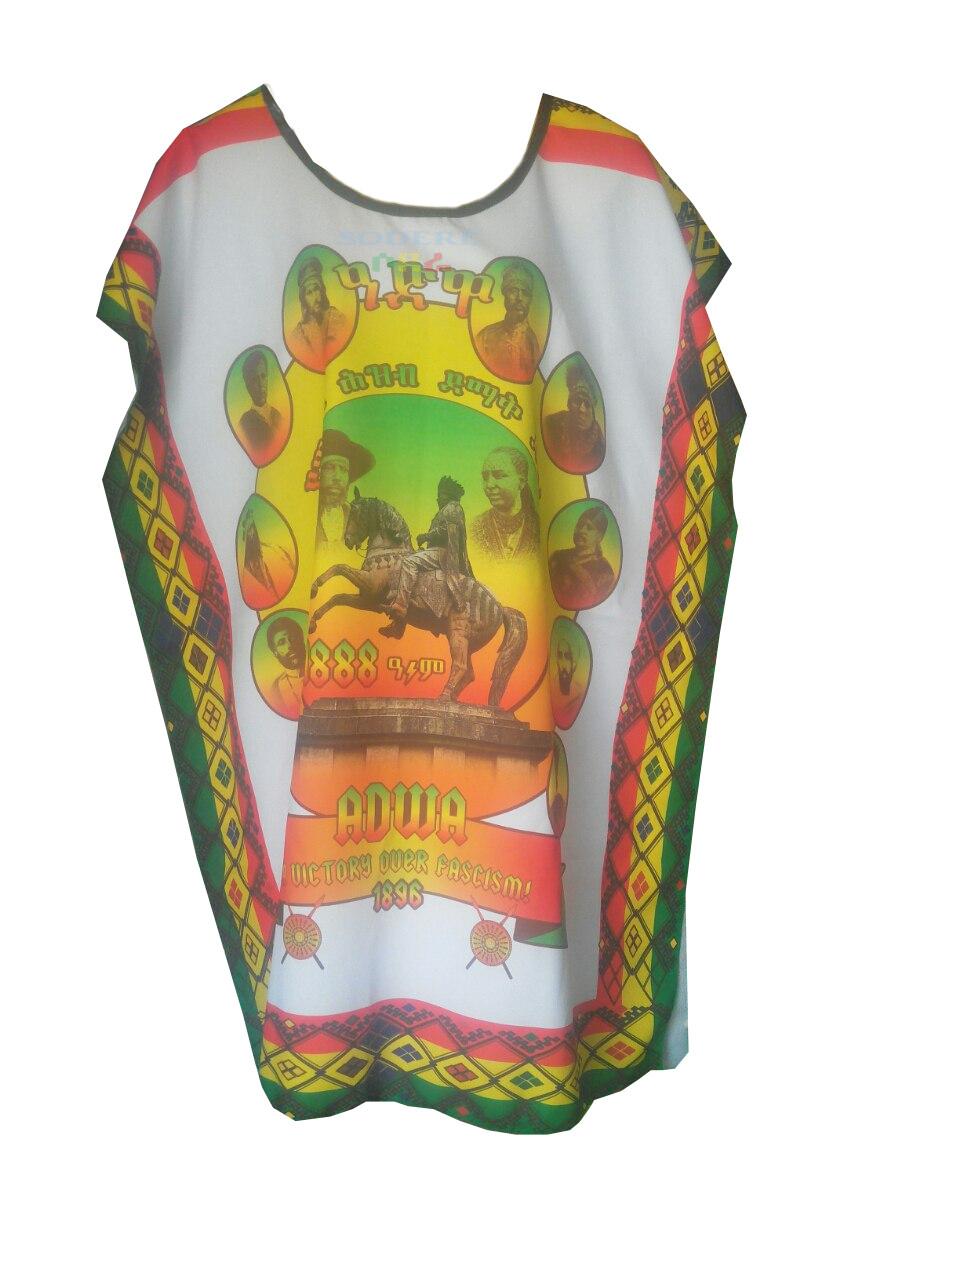 የዓድዋ ስእሎች ያለበት የሴቶች አላባሽ t-shirt for women